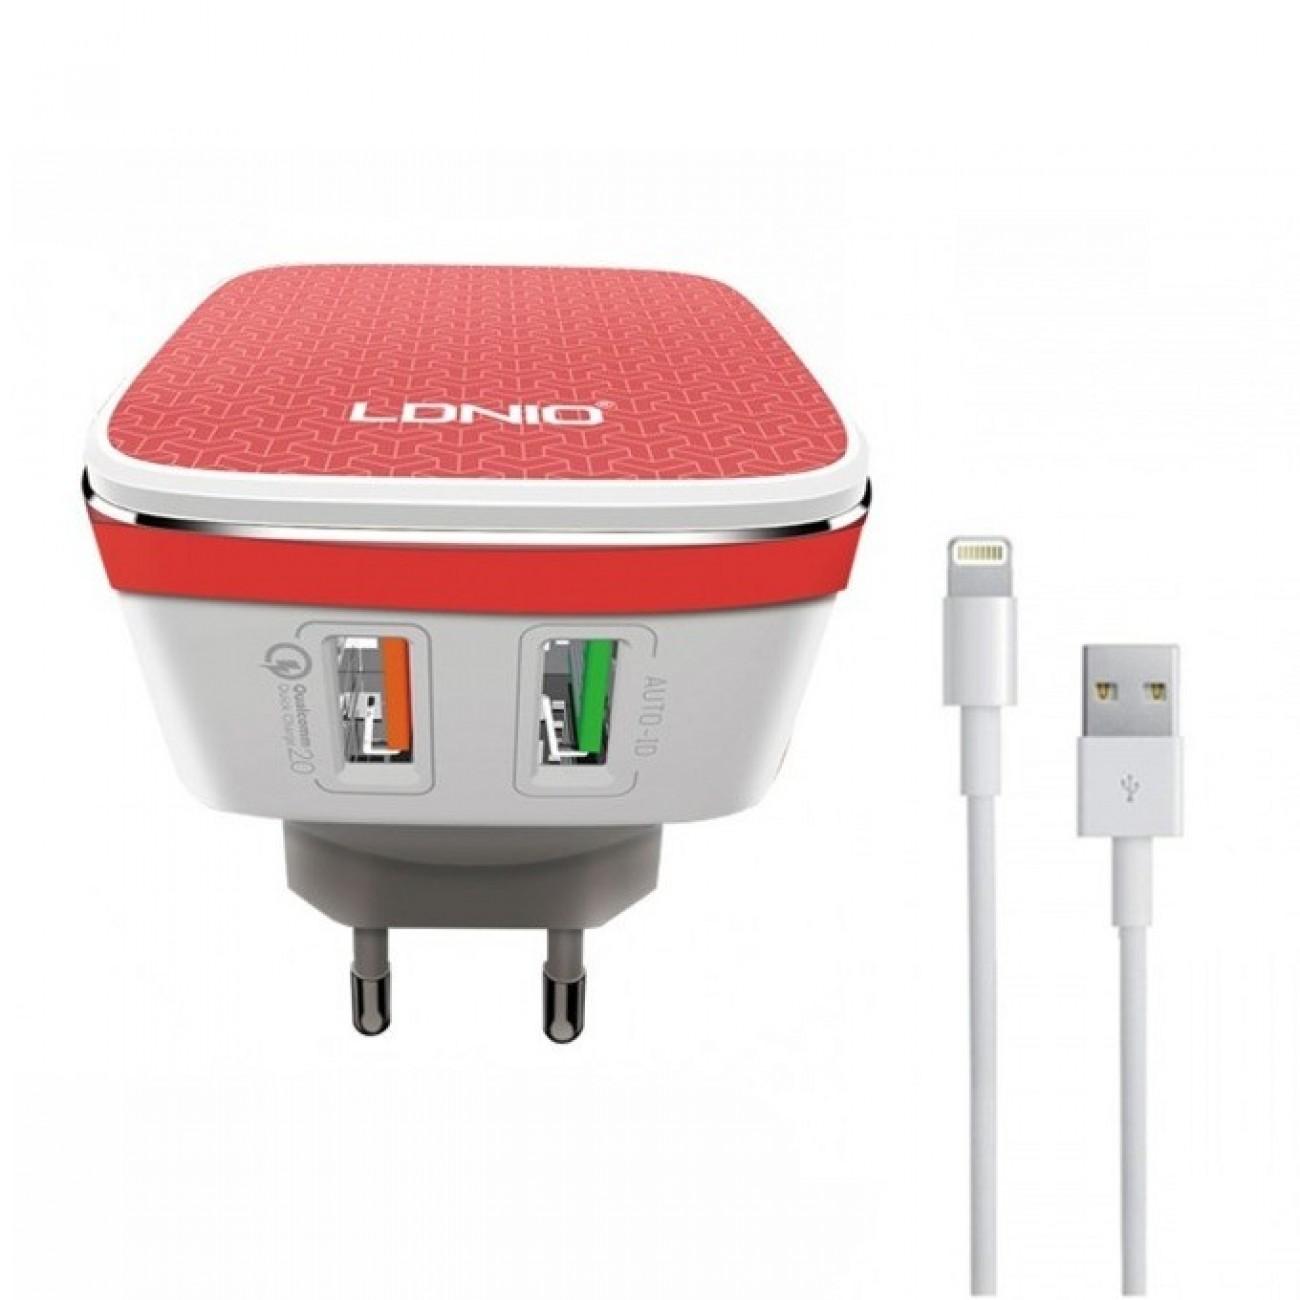 Мрежово зарядно устройство LDNIO A2405Q,от контакт към USB x2/lightning, Бял в Перални и Сушилни -  | Alleop